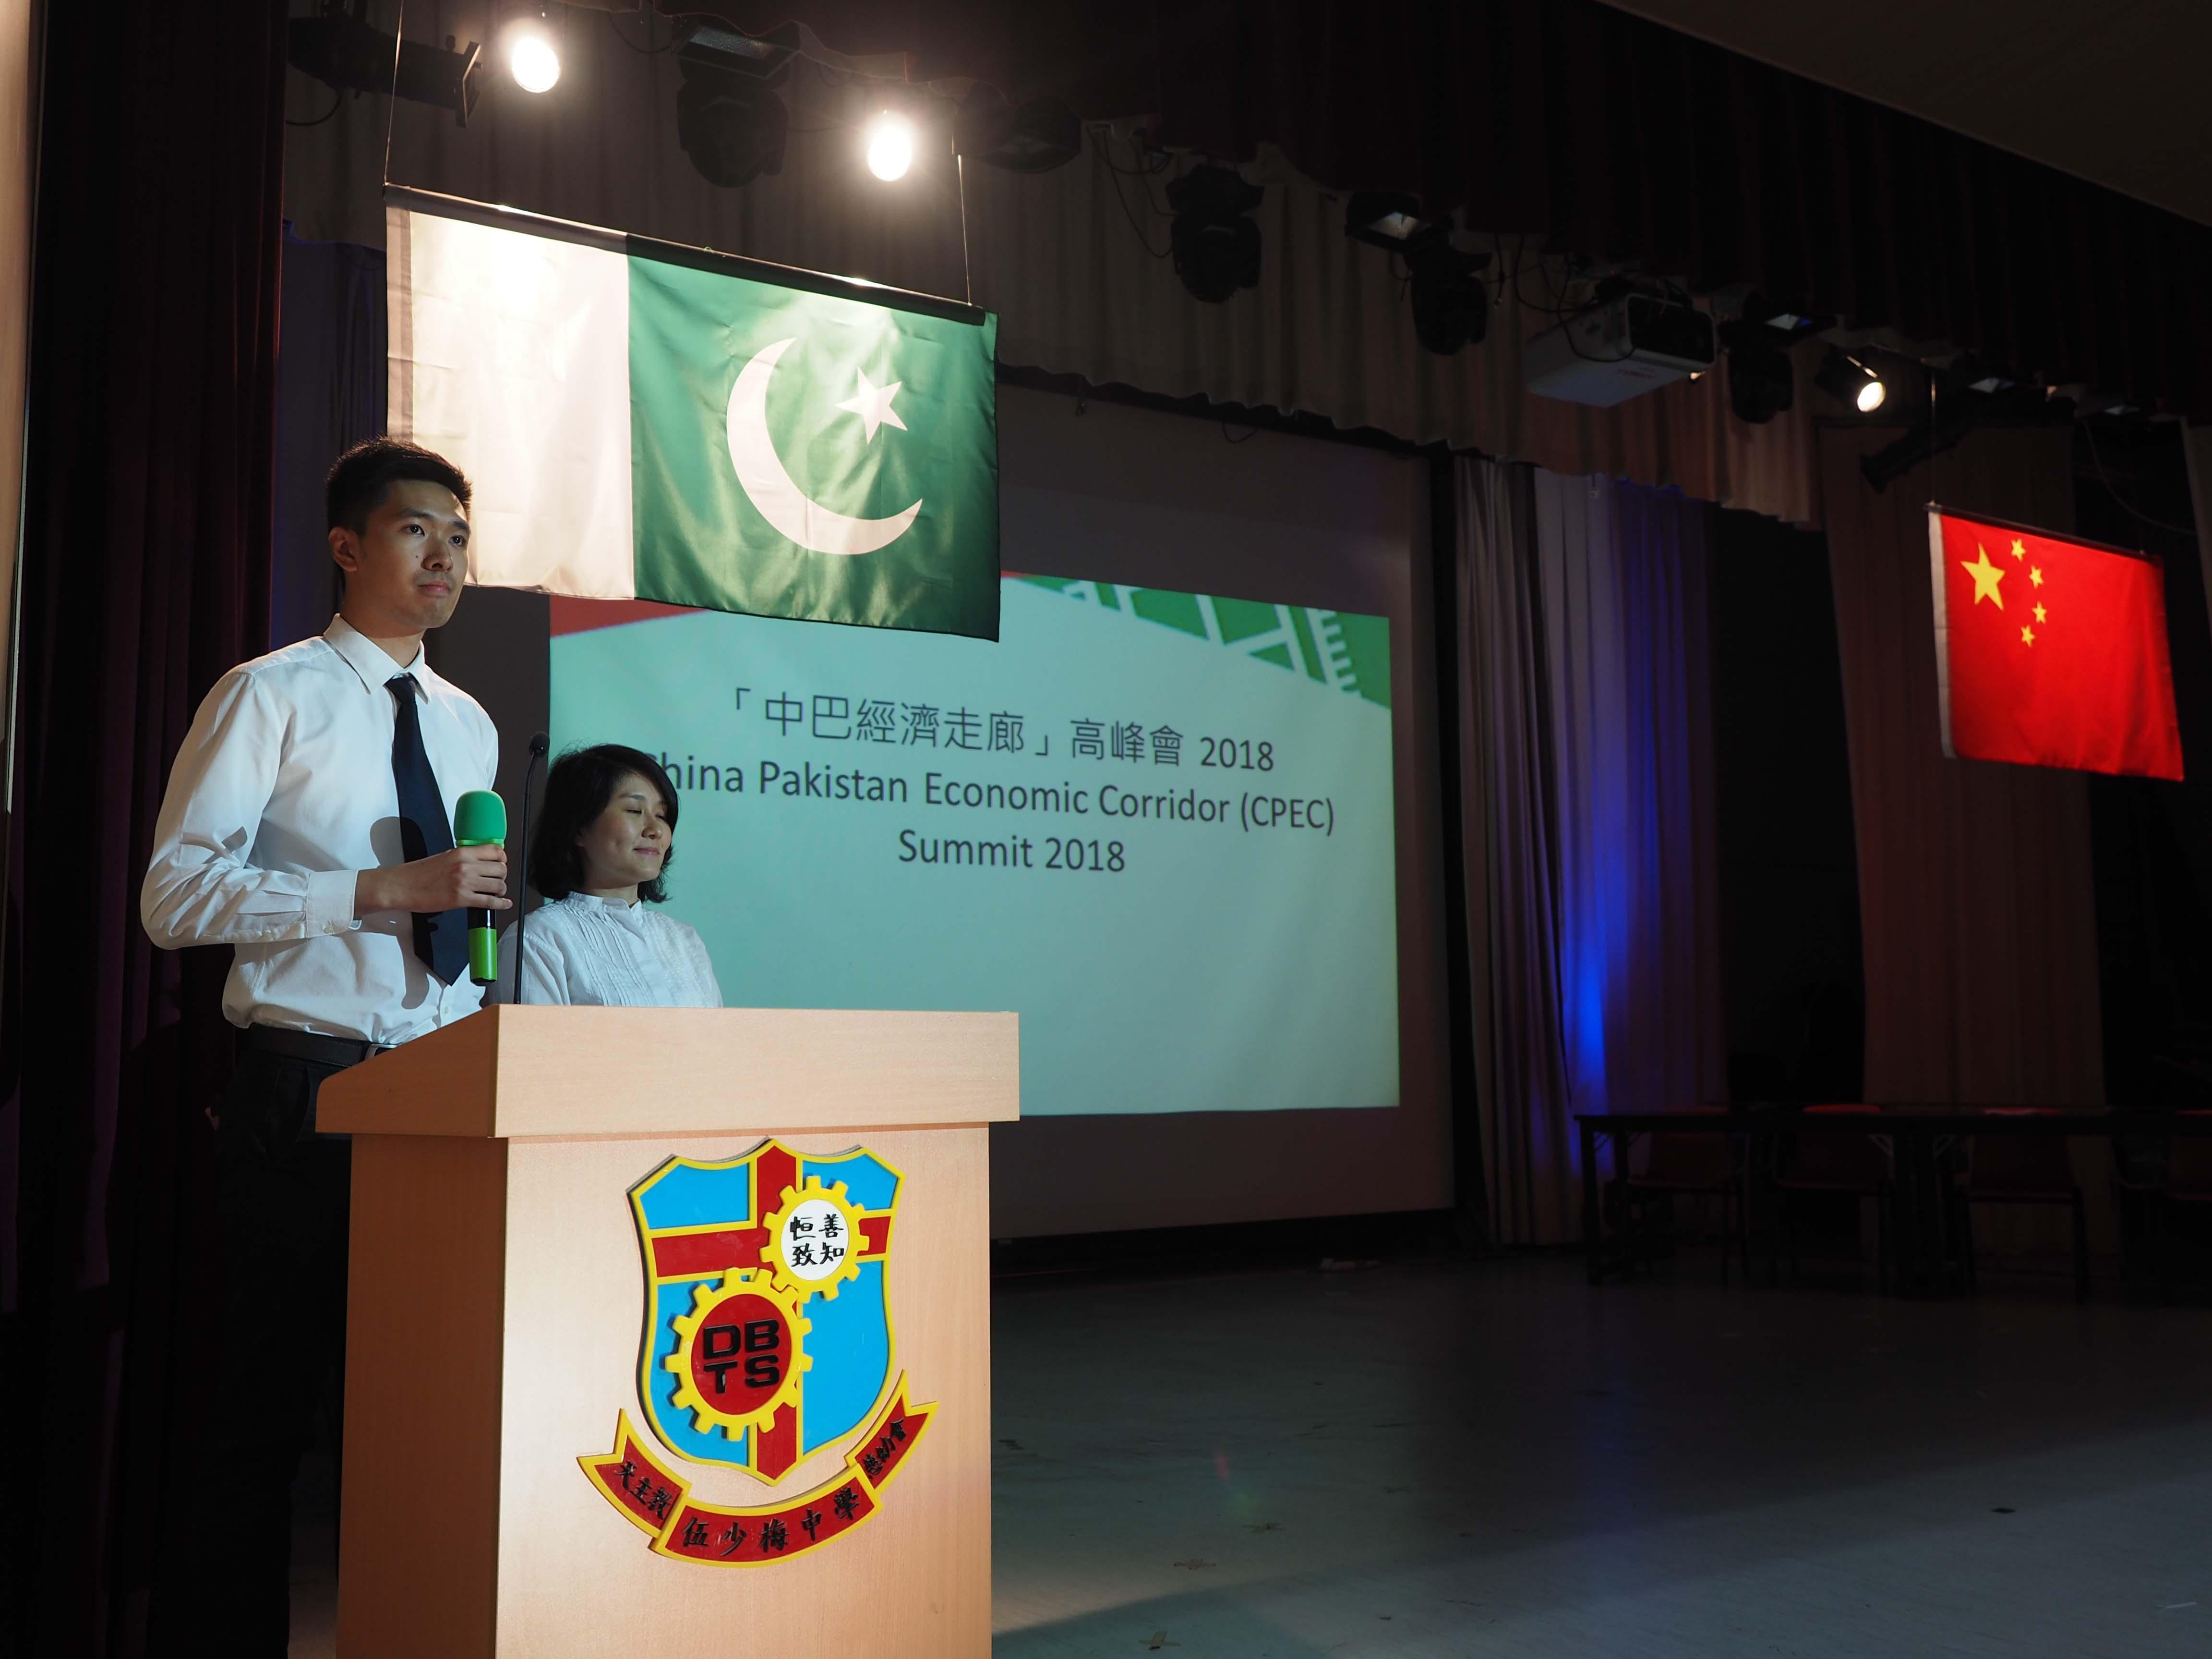 天主教慈幼會伍少梅中學的「中巴經濟走廊」高峰會活動相片15